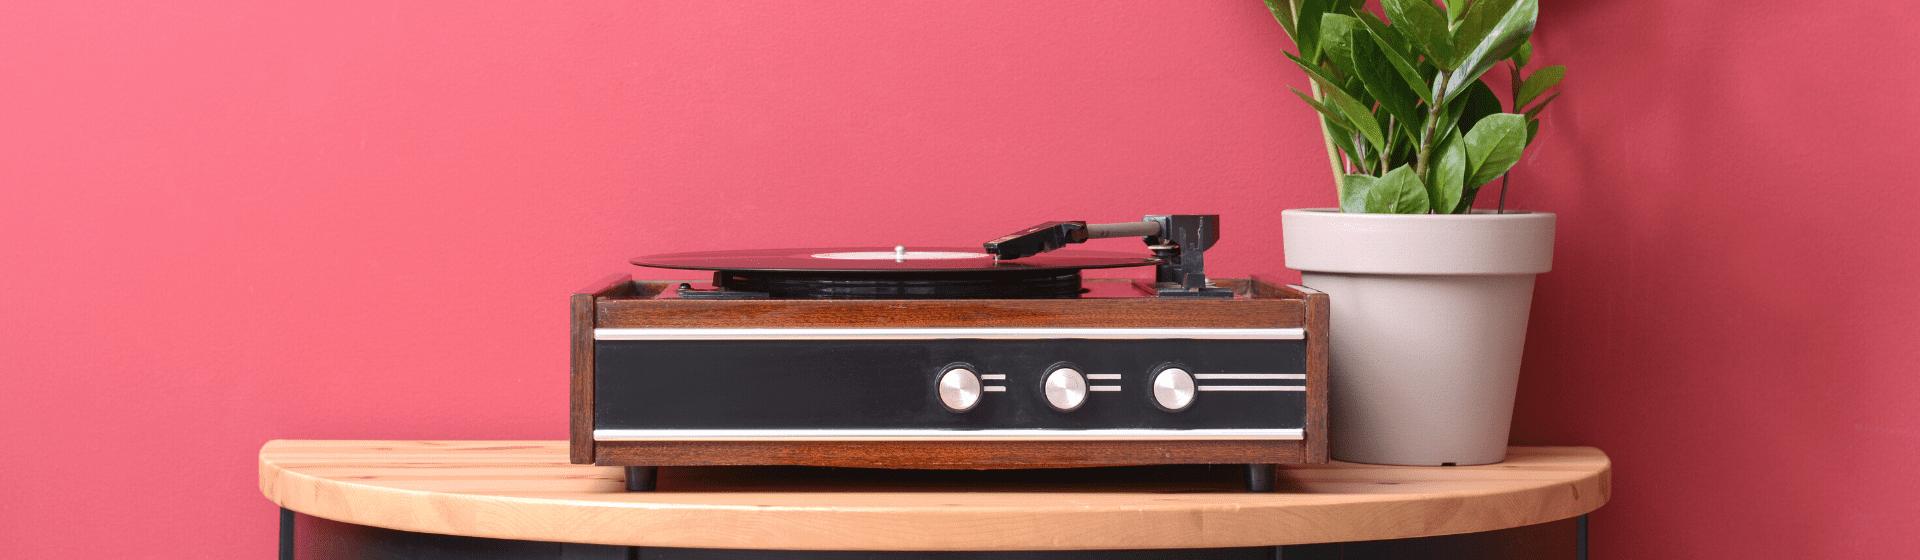 Melhores vitrolas e toca-discos de 2021: 7 modelos para comprar